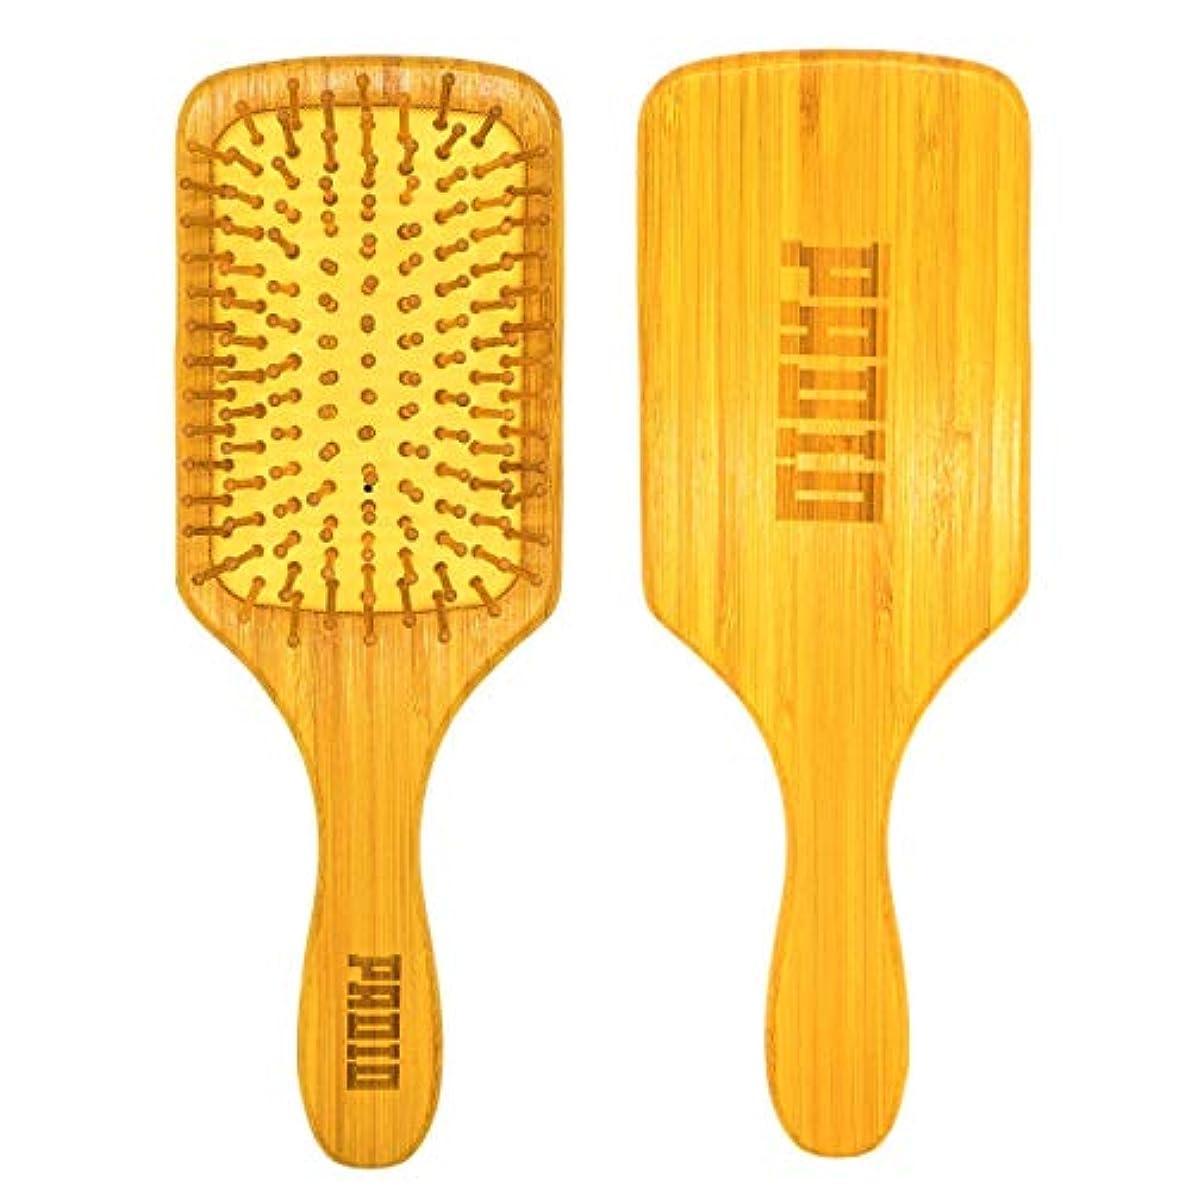 六月廊下引退したPADI0 頭皮マッサージ ヘアブラシ 薄毛予防 艶髪 竹製大 【育毛専用】